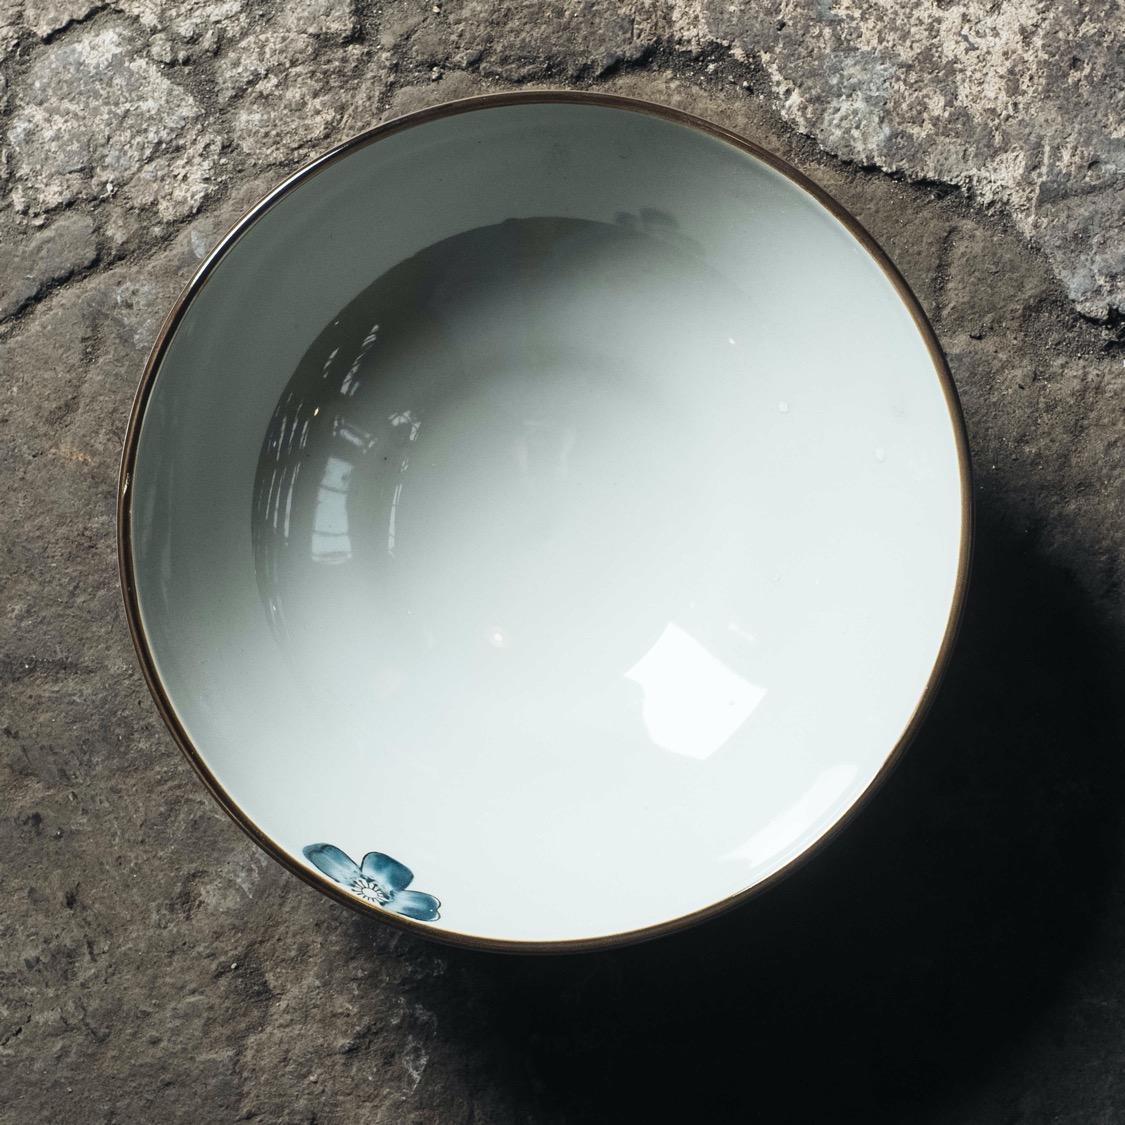 ชามราเม็งลายดอก 9.5 นิ้ว